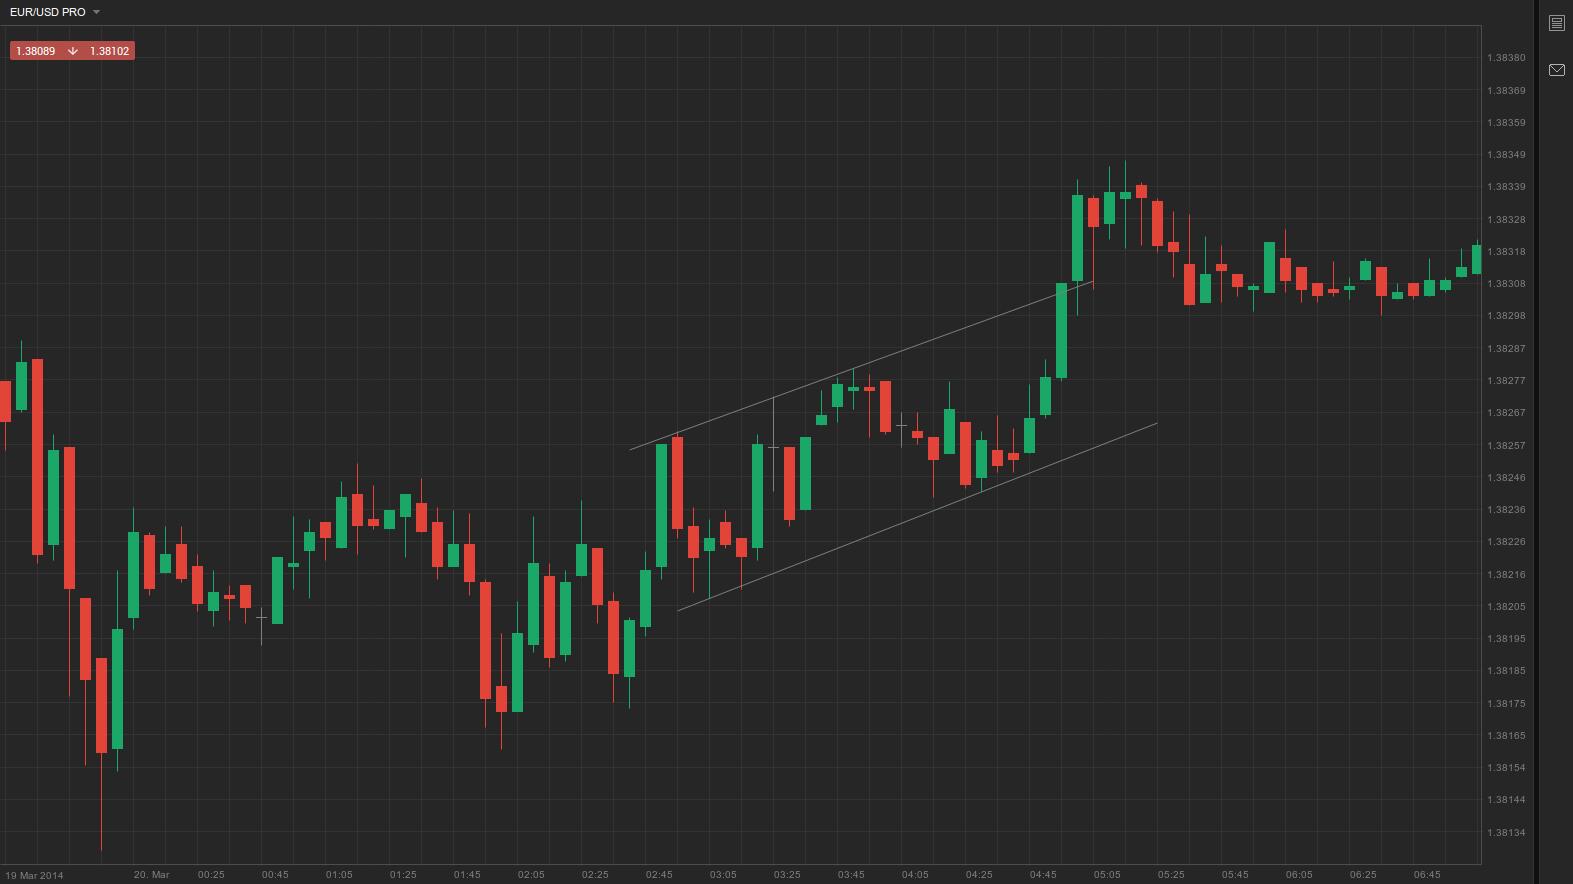 Ascending channel + upward breakout